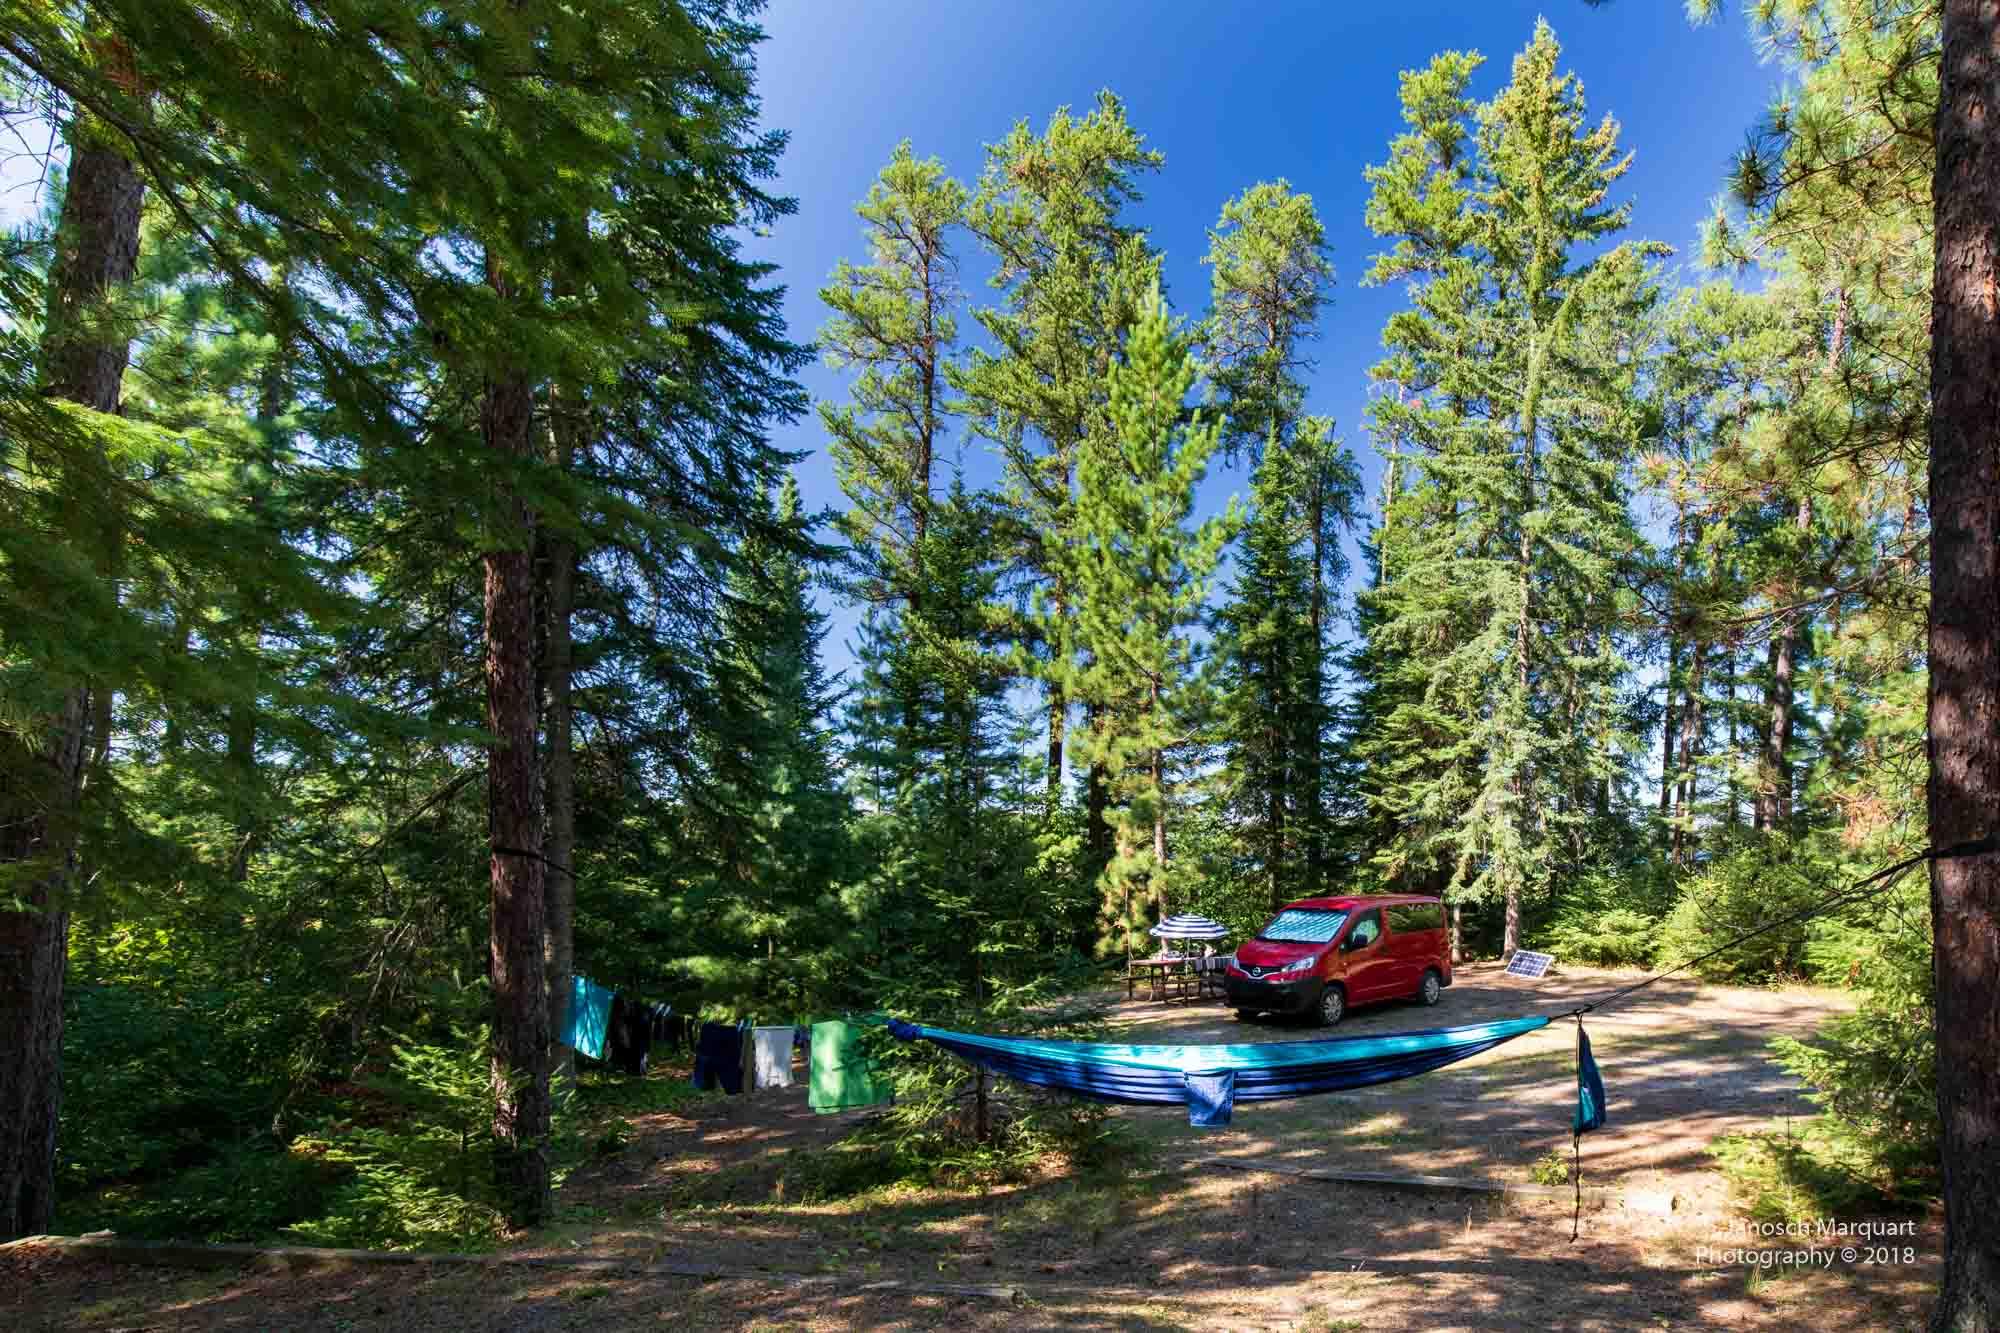 Campingplatz mit Camervan im Wald